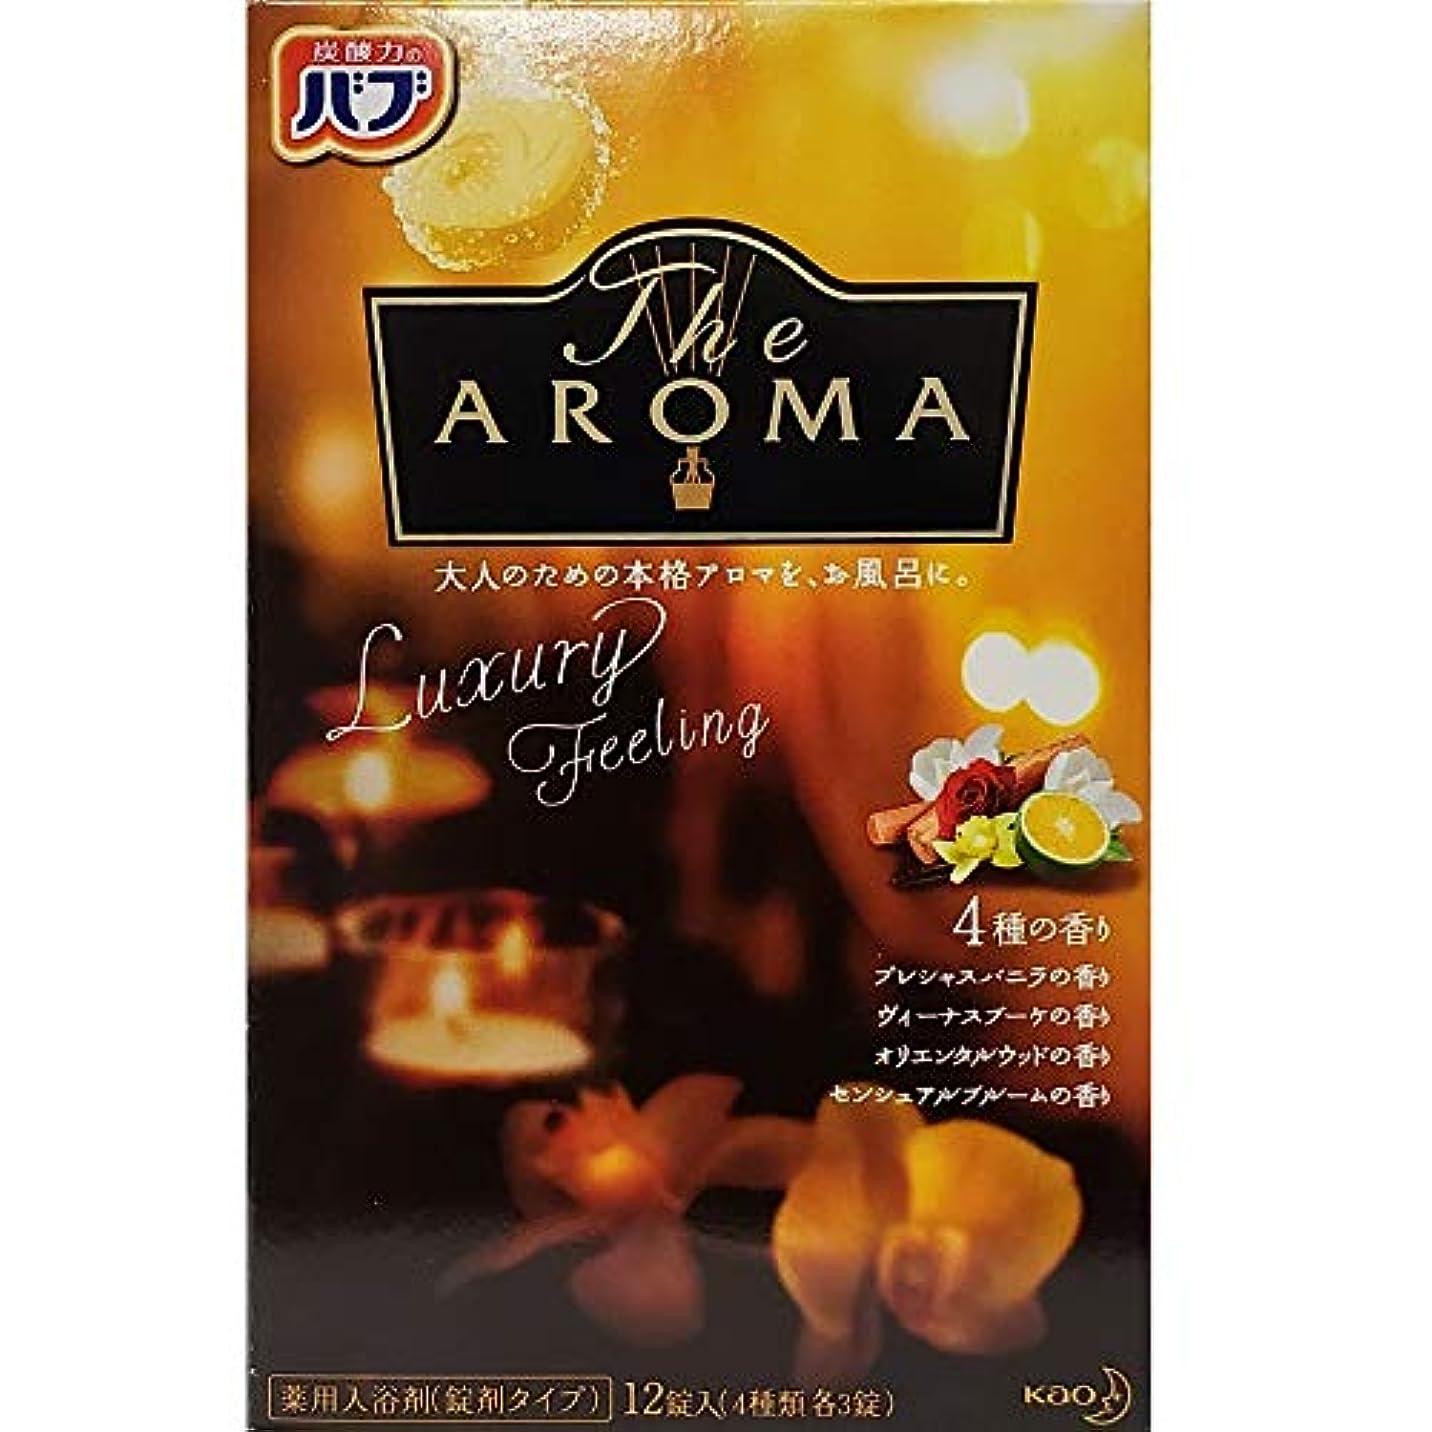 を除く検証リーンバブ The Aroma Luxury Feeling 40g×12錠(4種類 各3錠) 医薬部外品